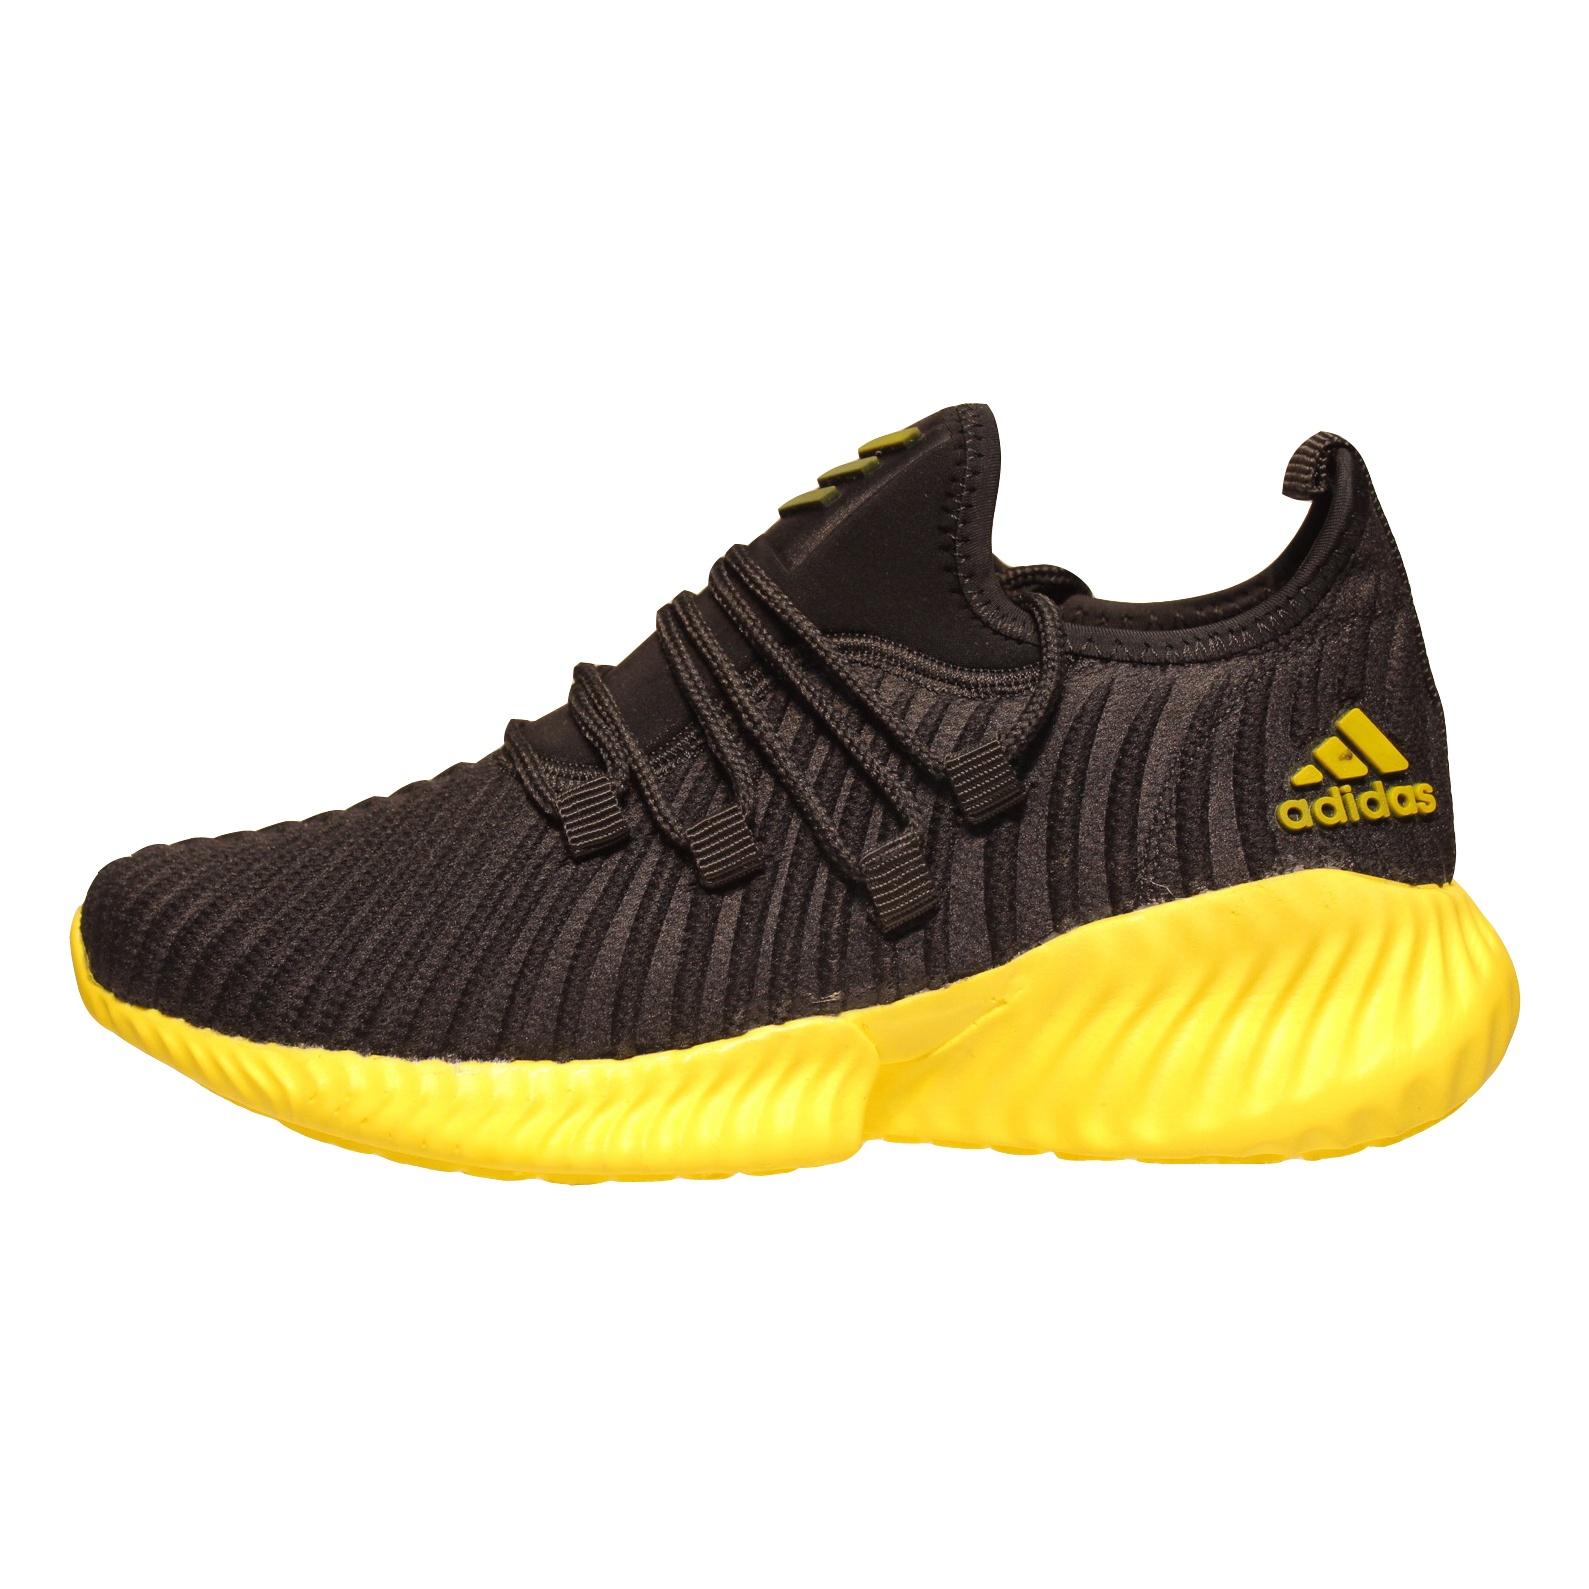 خرید اینترنتی                     کفش مخصوص پیاده روی مردانه کد adiza001